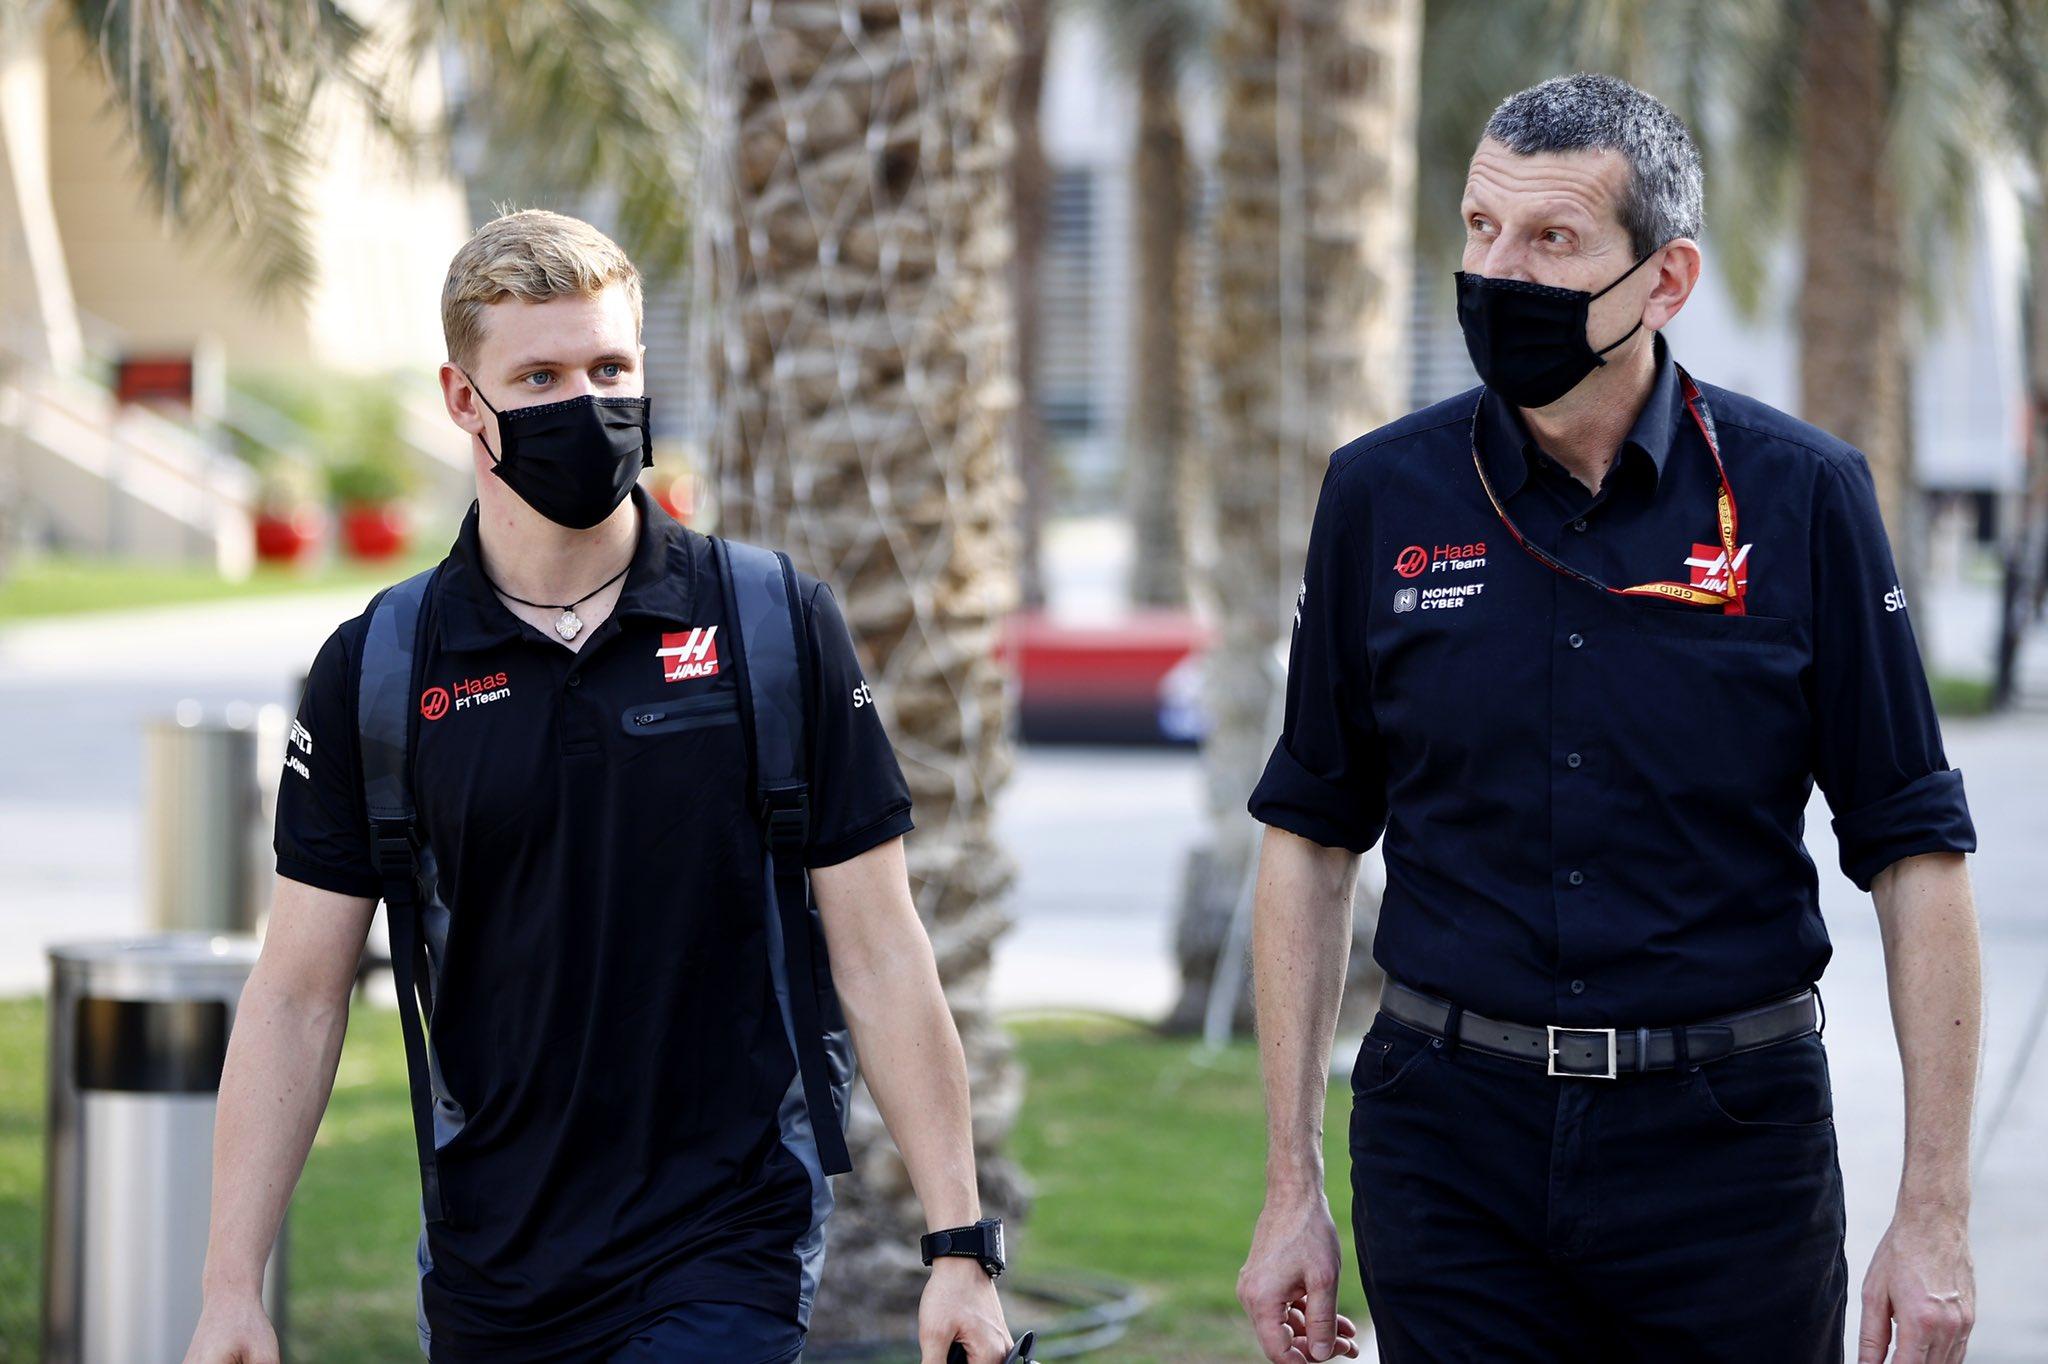 F1 - Günther Steiner met en garde Mick Schumacher et Nikita Mazepin